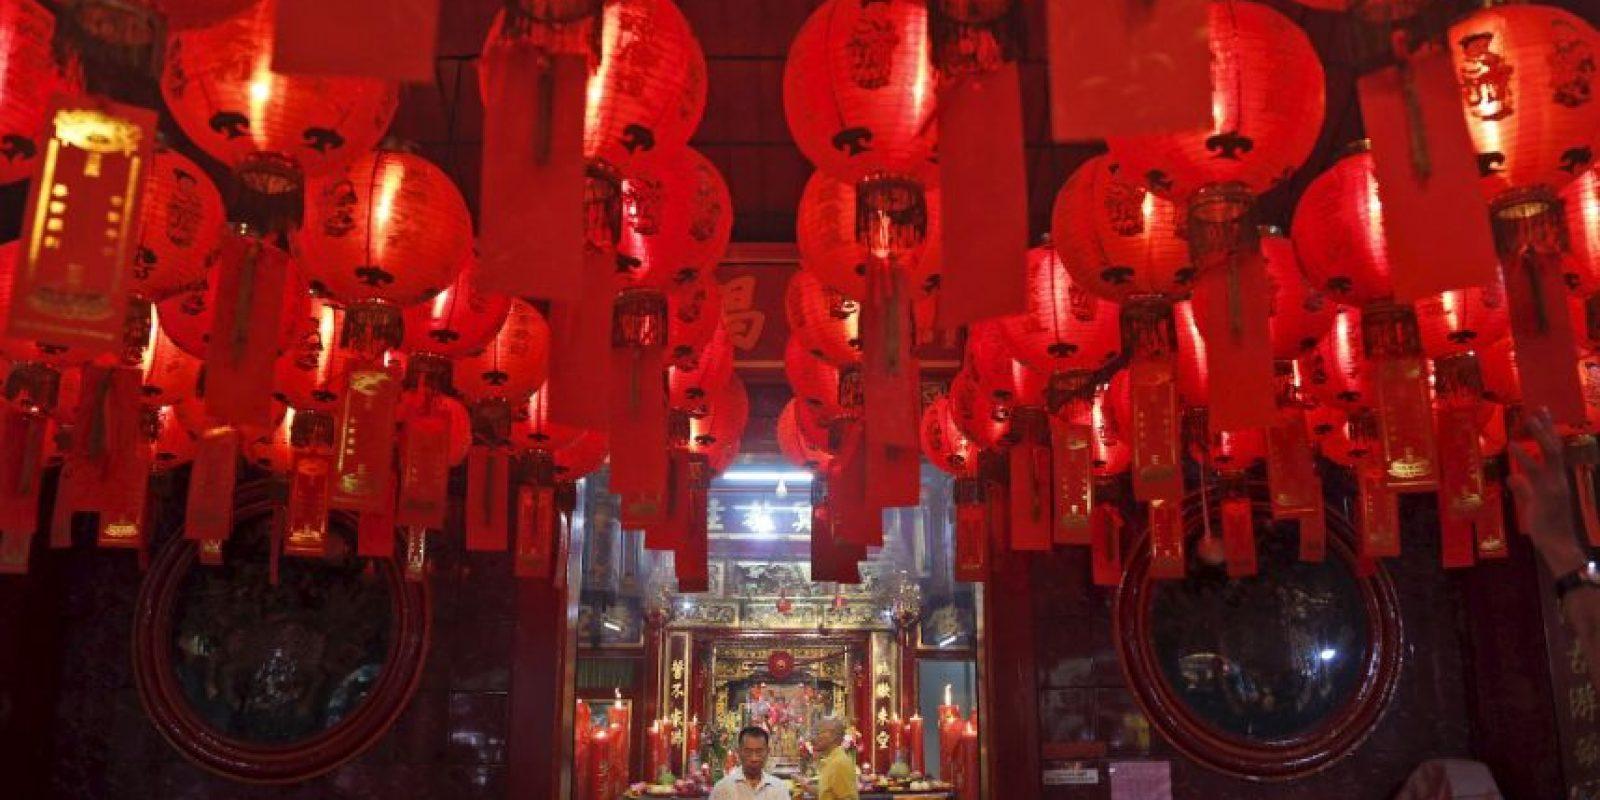 Cientos de adornos iluminaban las calles. Foto:AP